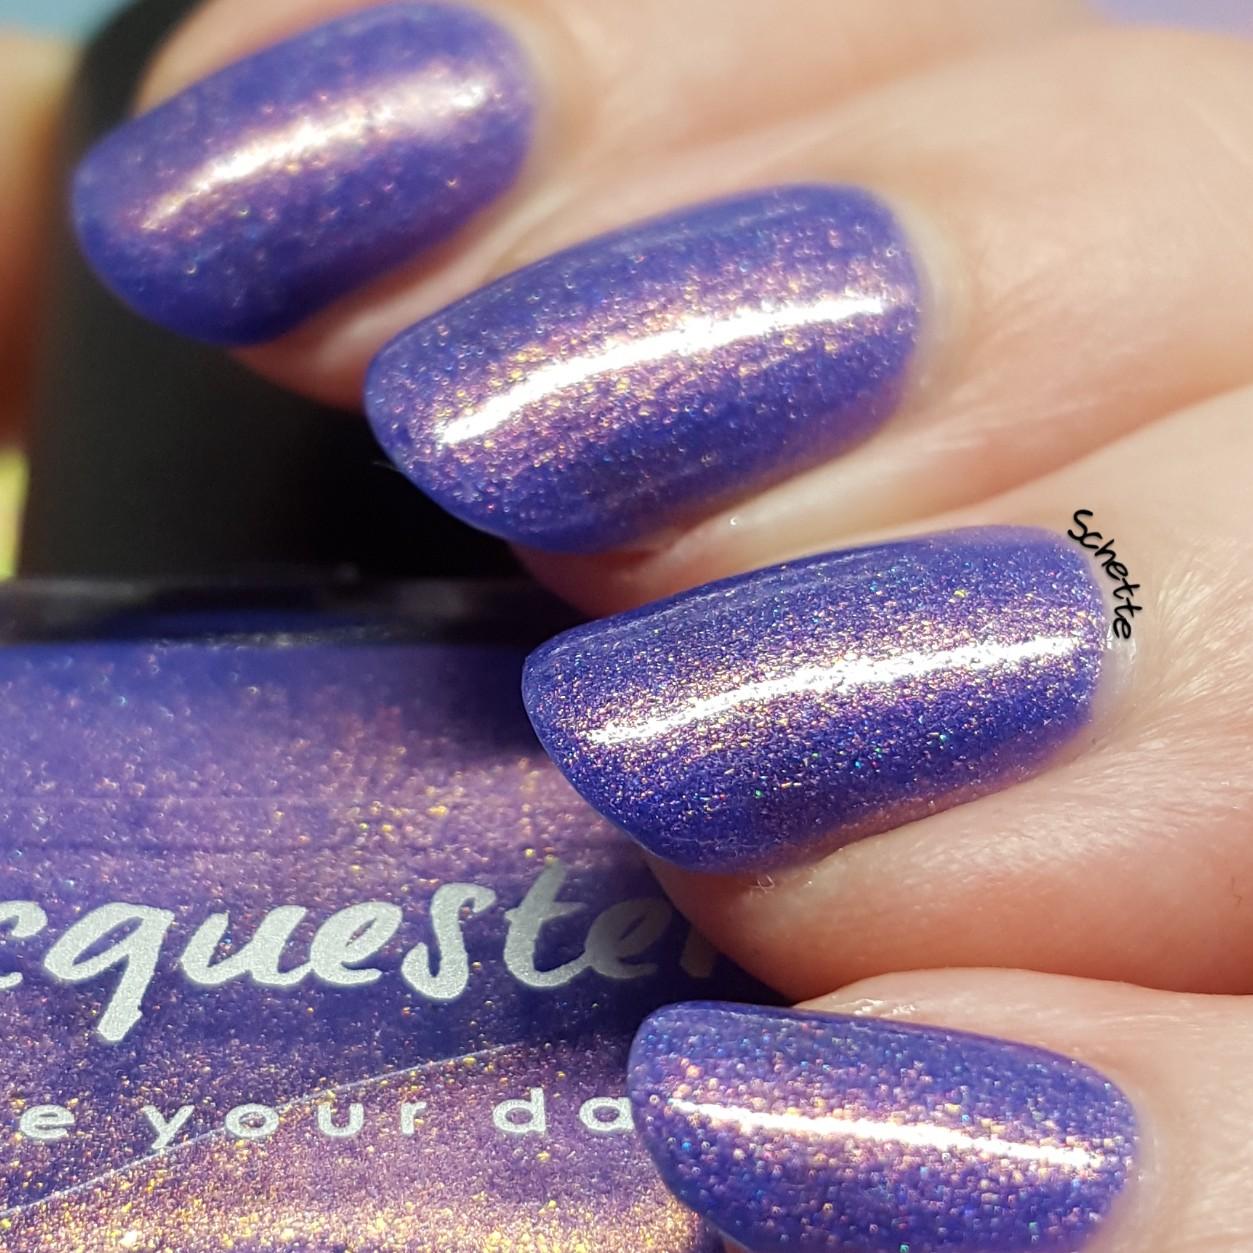 Lacquester - Lilacquester